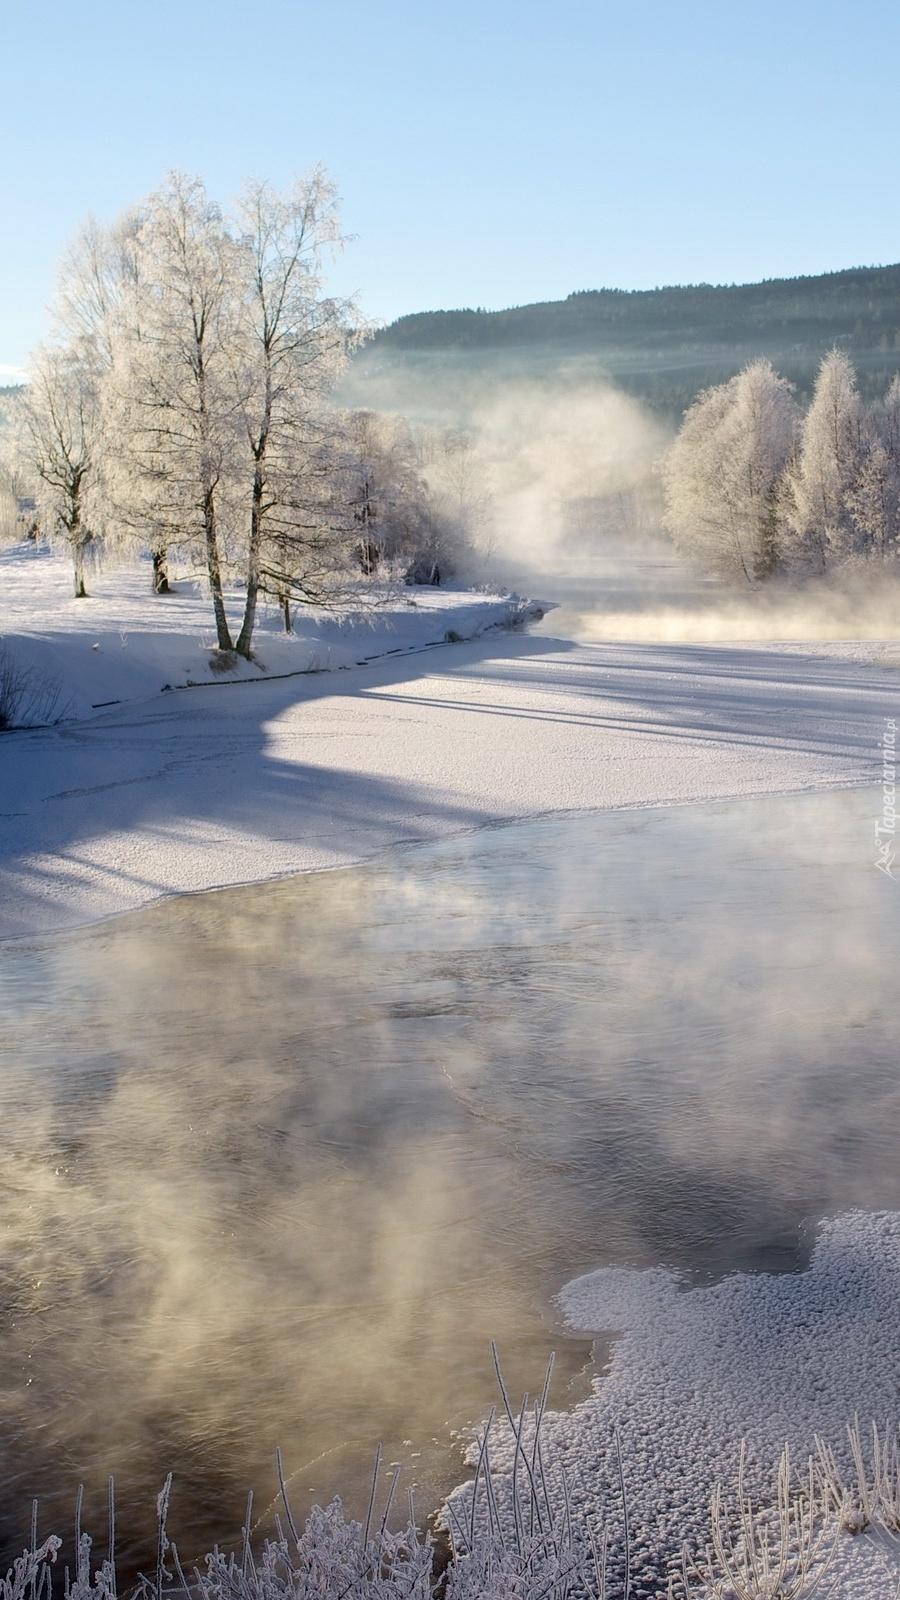 Mroźny krajobraz we mgle